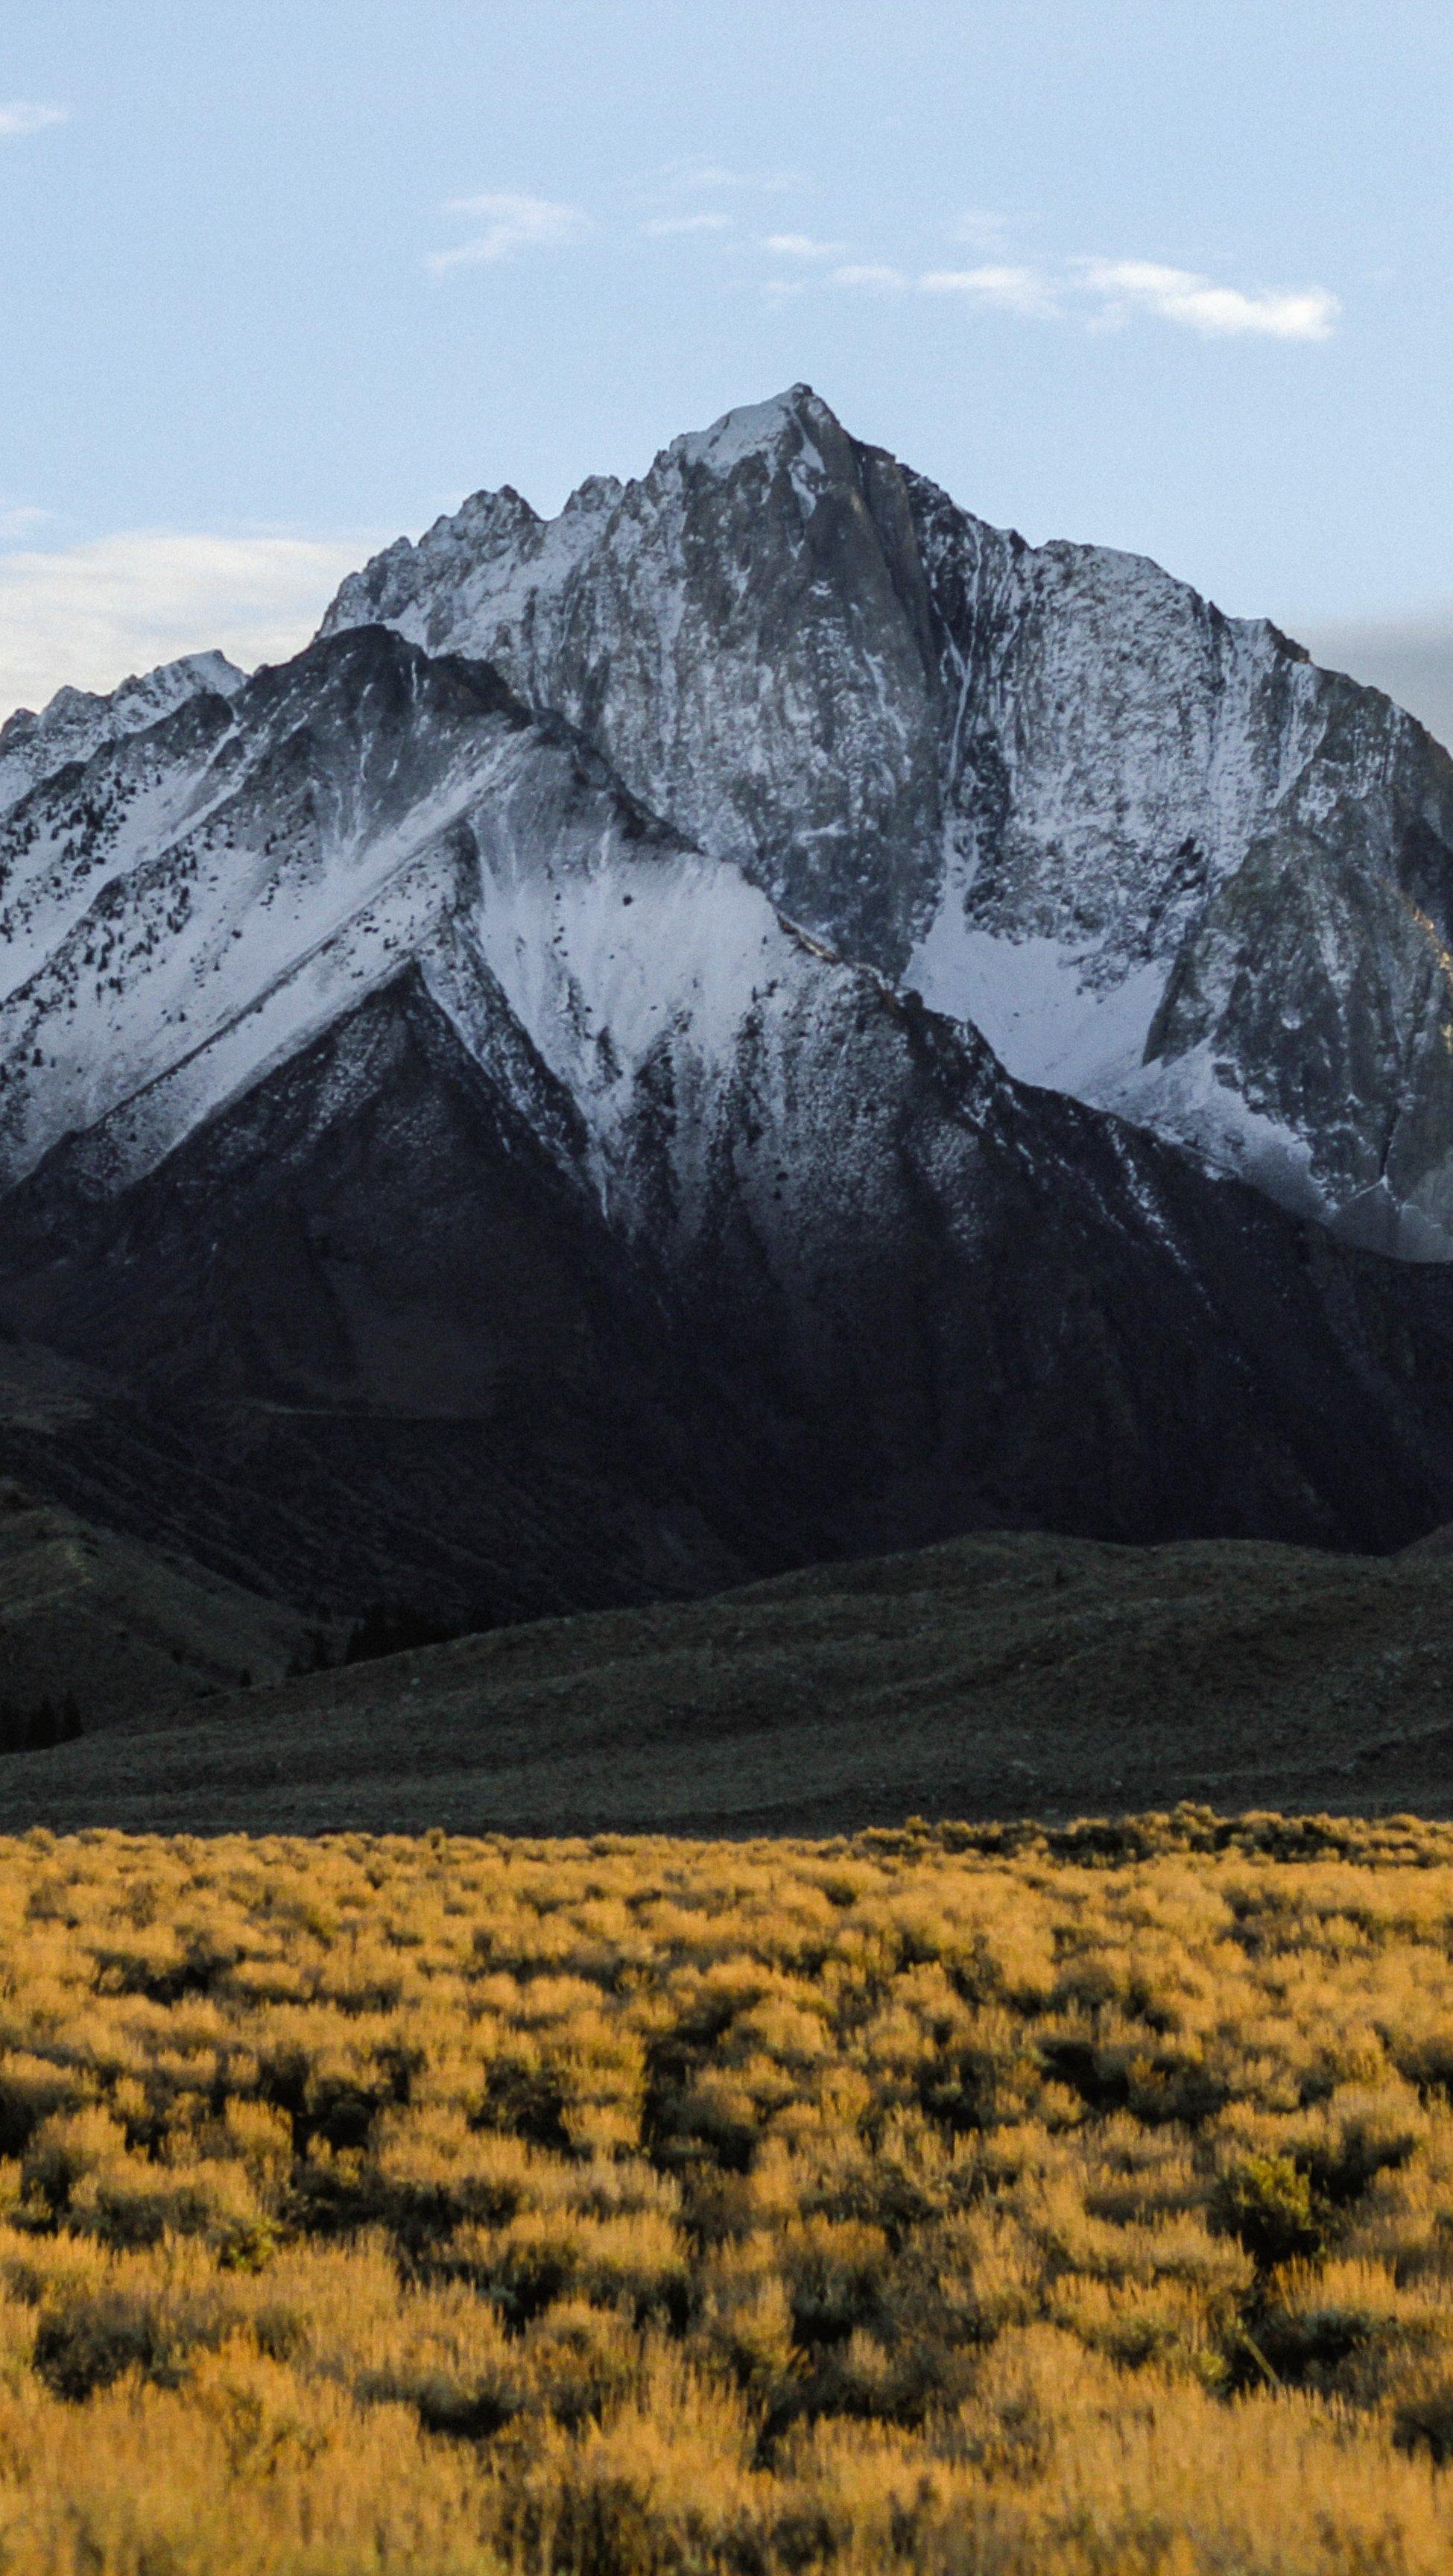 Fondos de pantalla Montaña con nieve en el verano Vertical